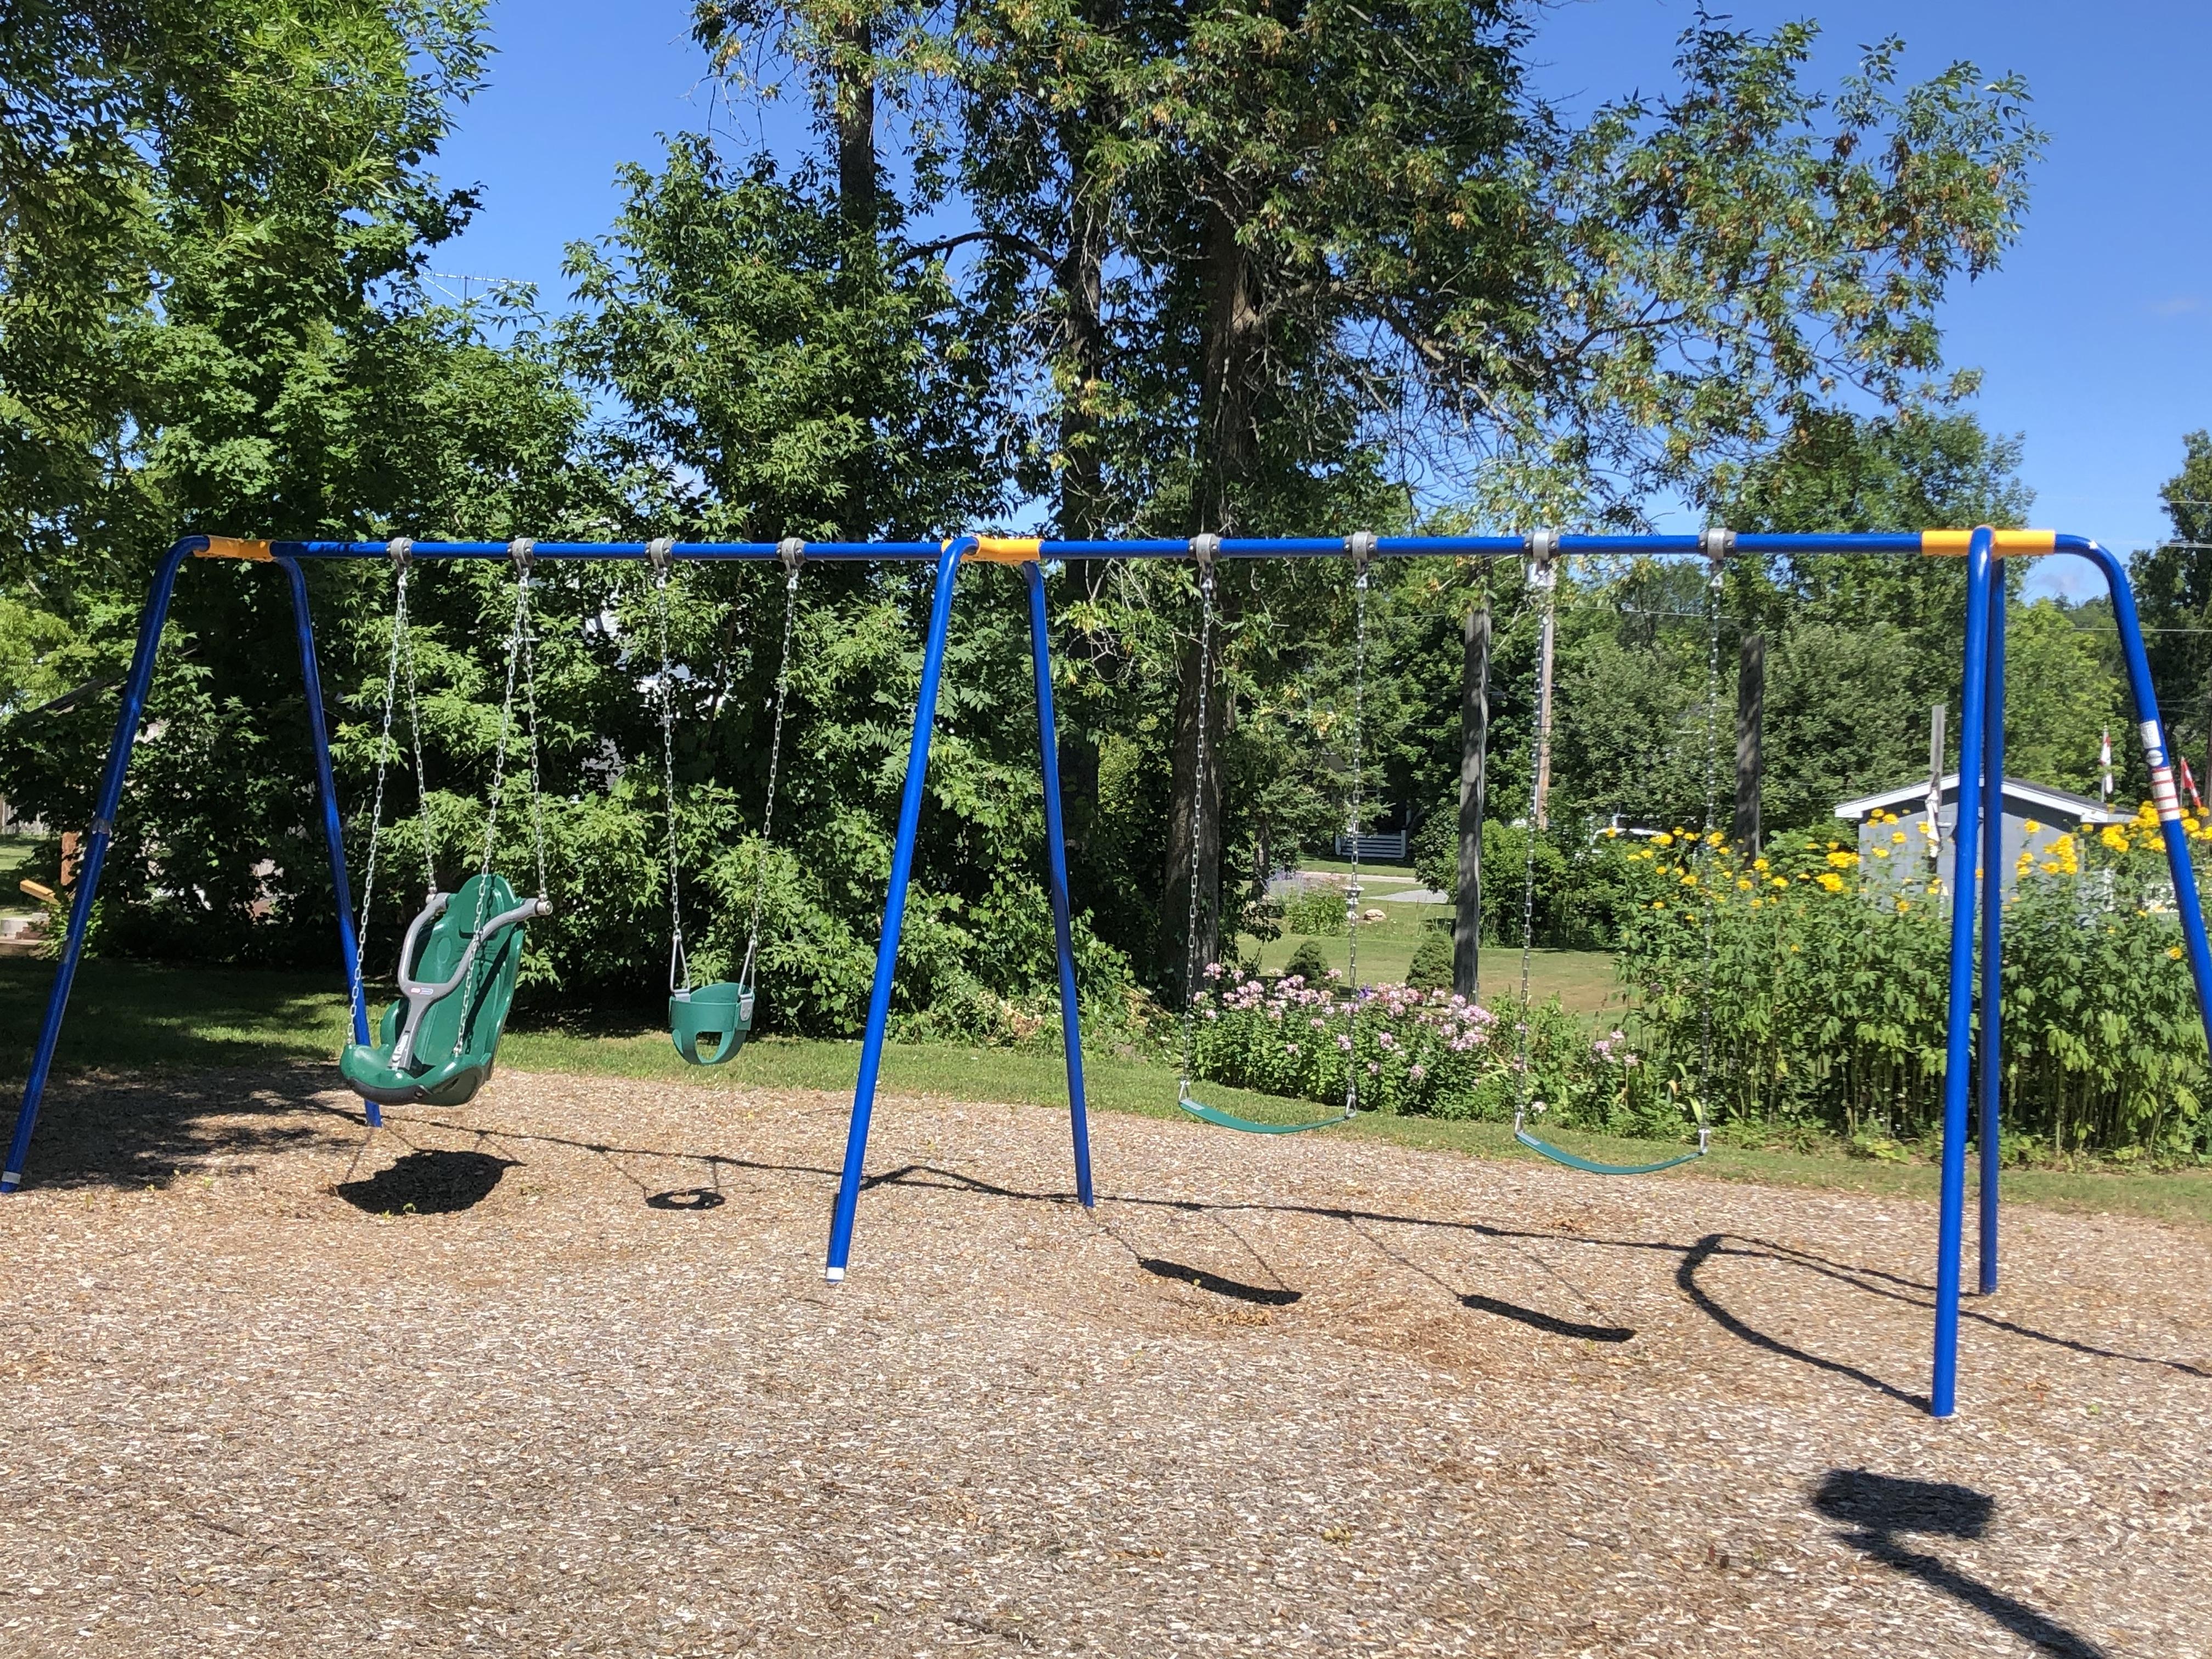 swings reopen